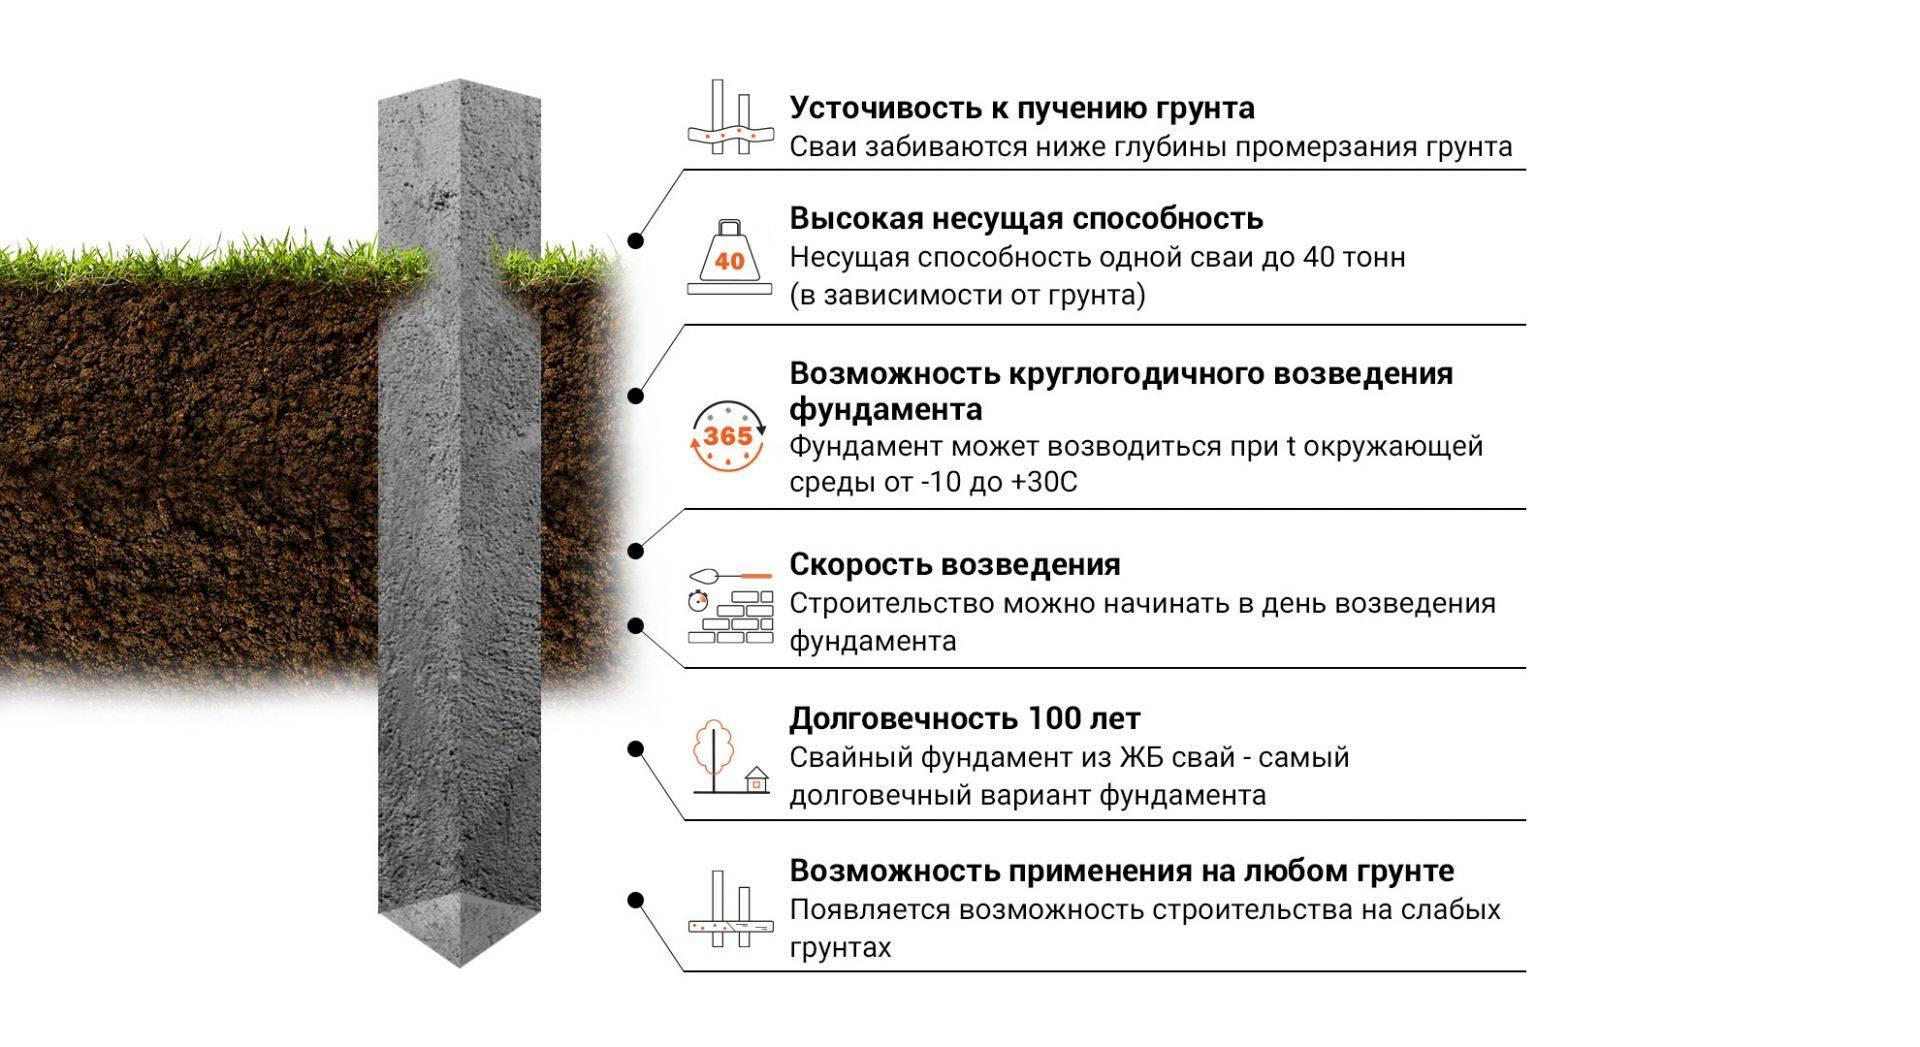 Почва для строительства дома: какой фундамент выбрать